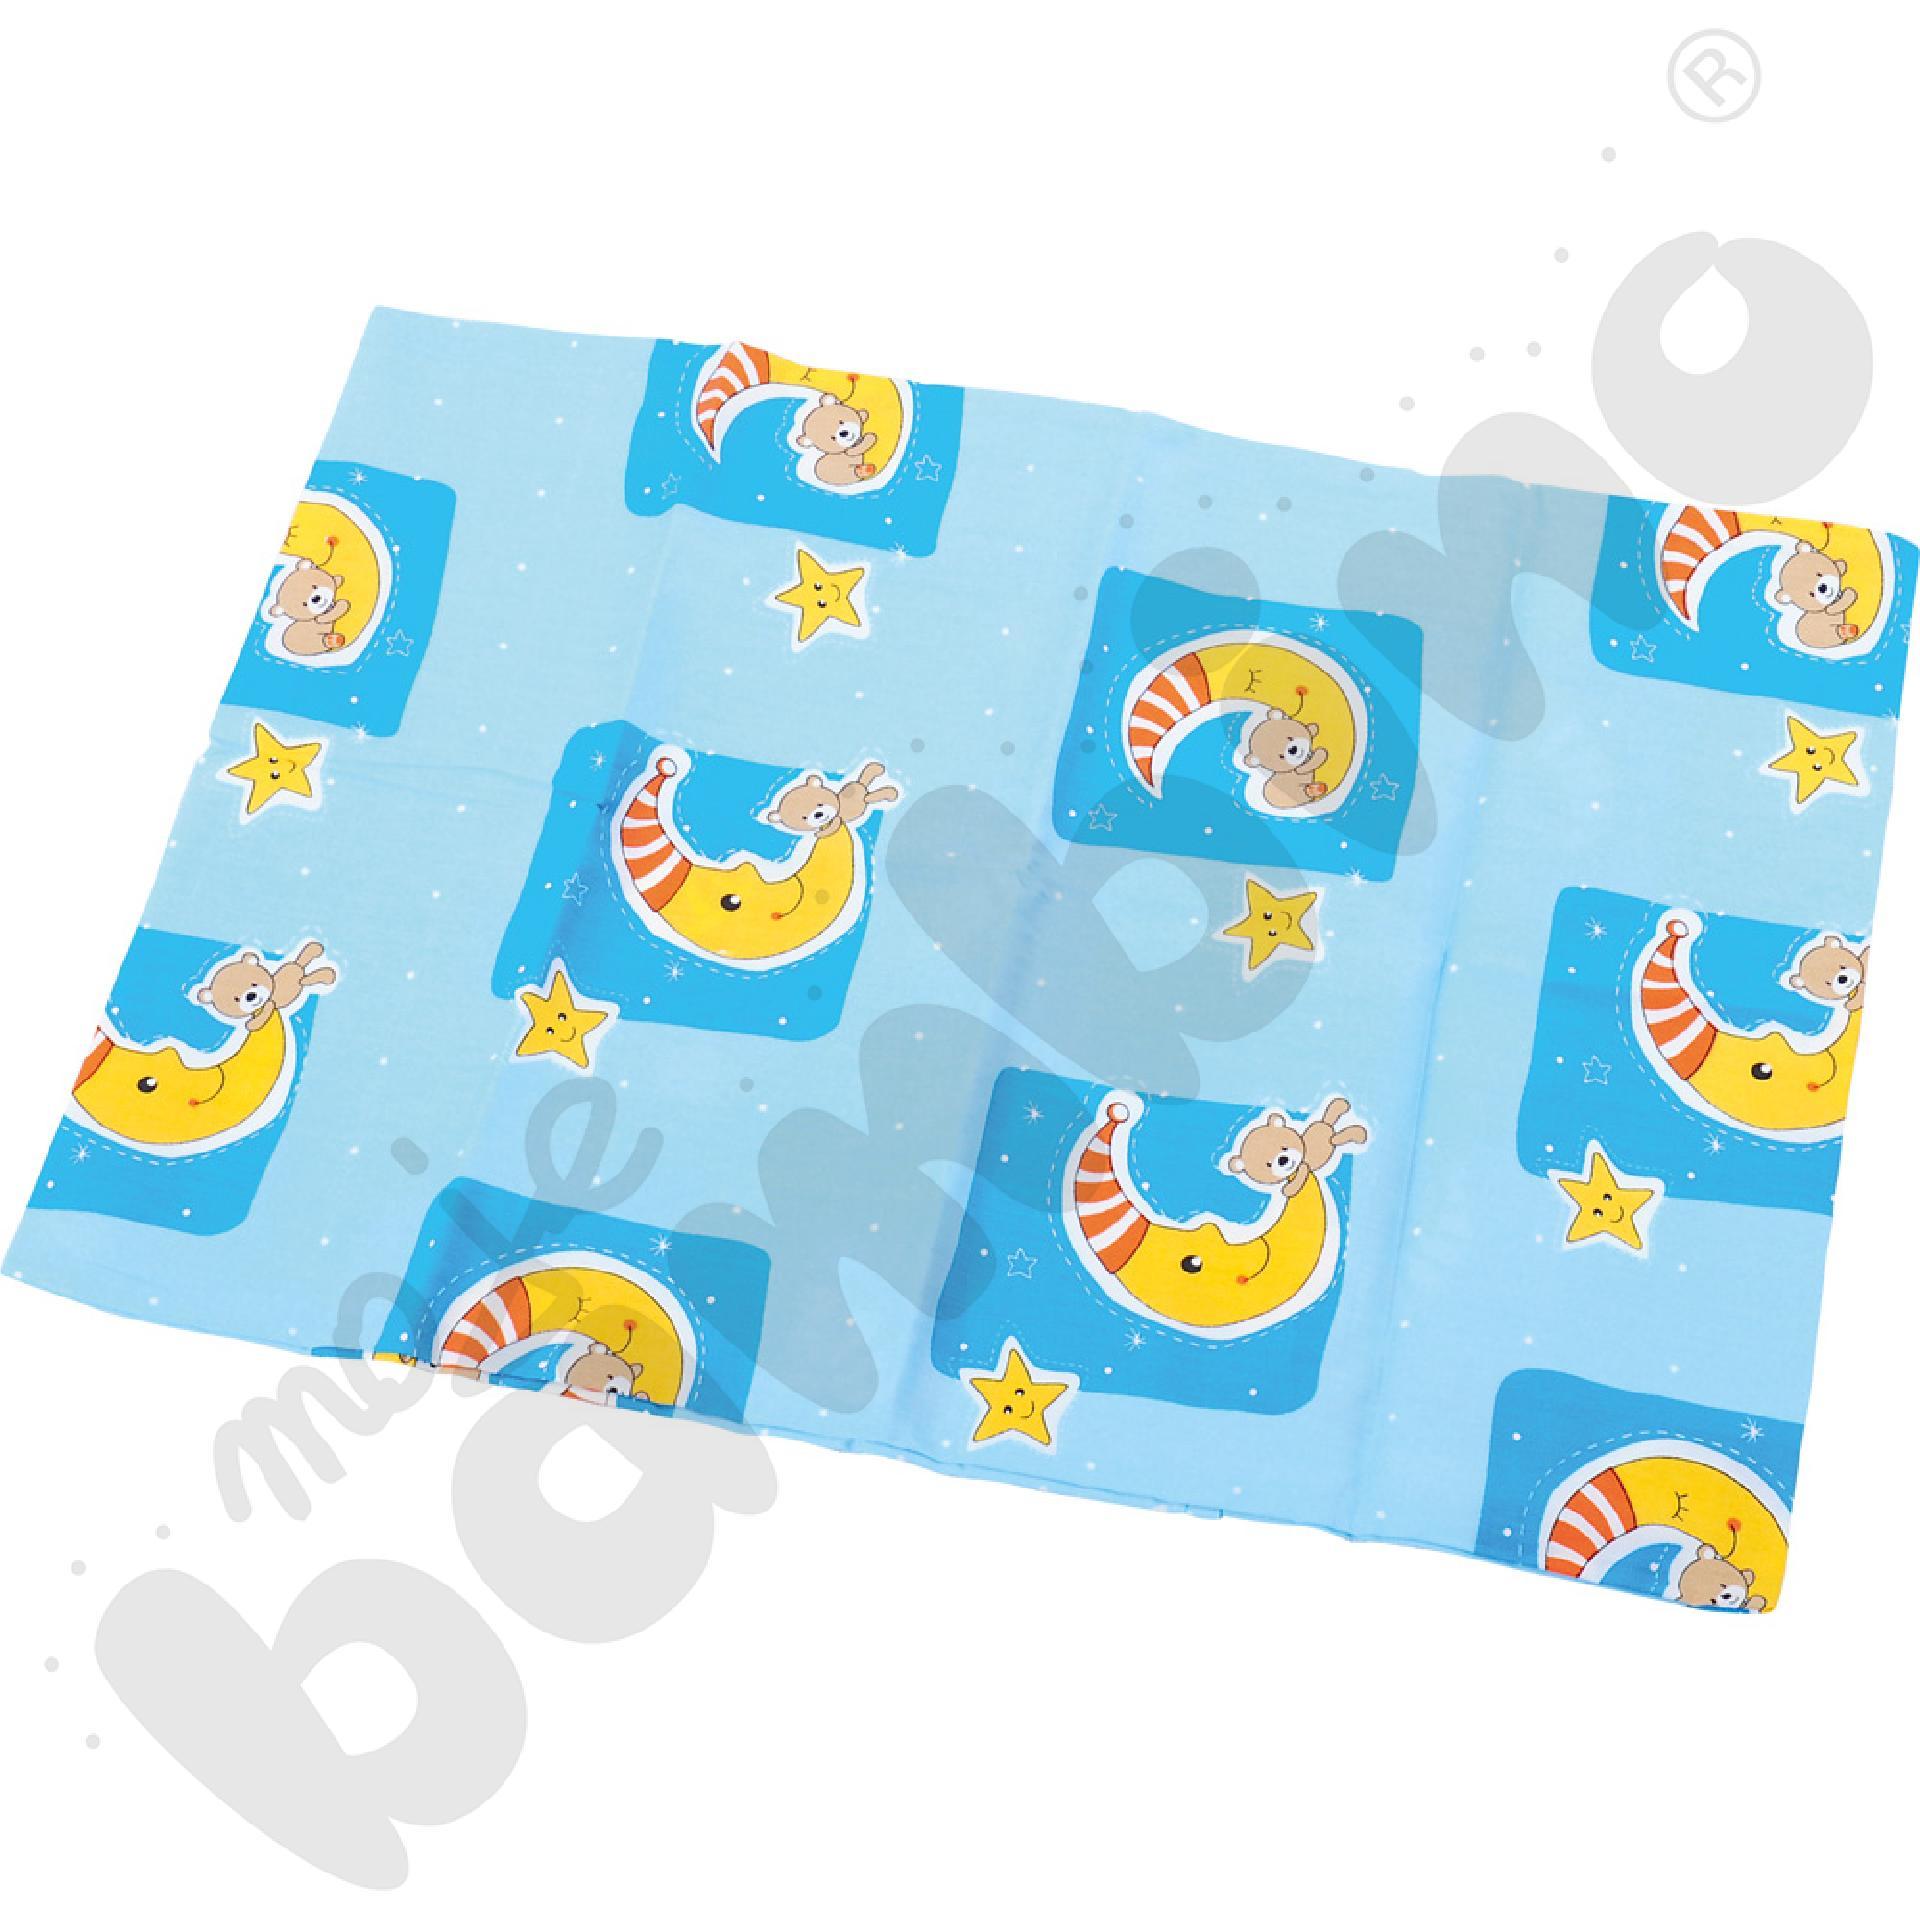 Poszewka na poduszkę niebieska wym. 35 x 50 cm